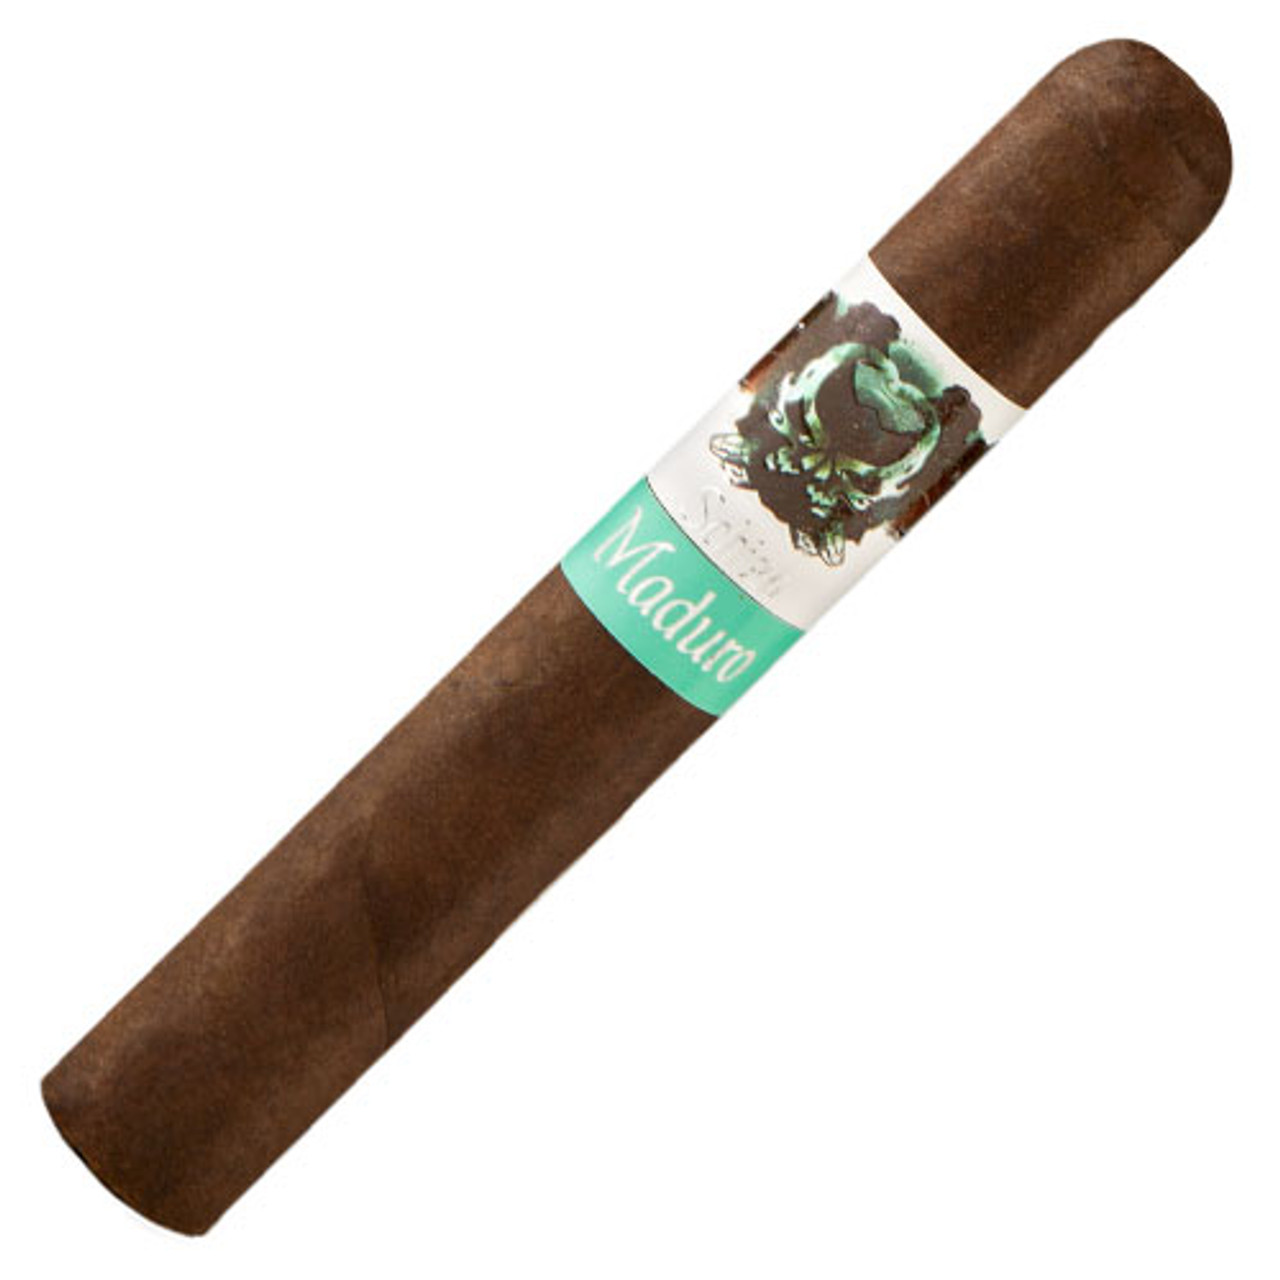 Asylum Schizo 5 X 50 Maduro Cigars - 5 x 50 (Box of 20)